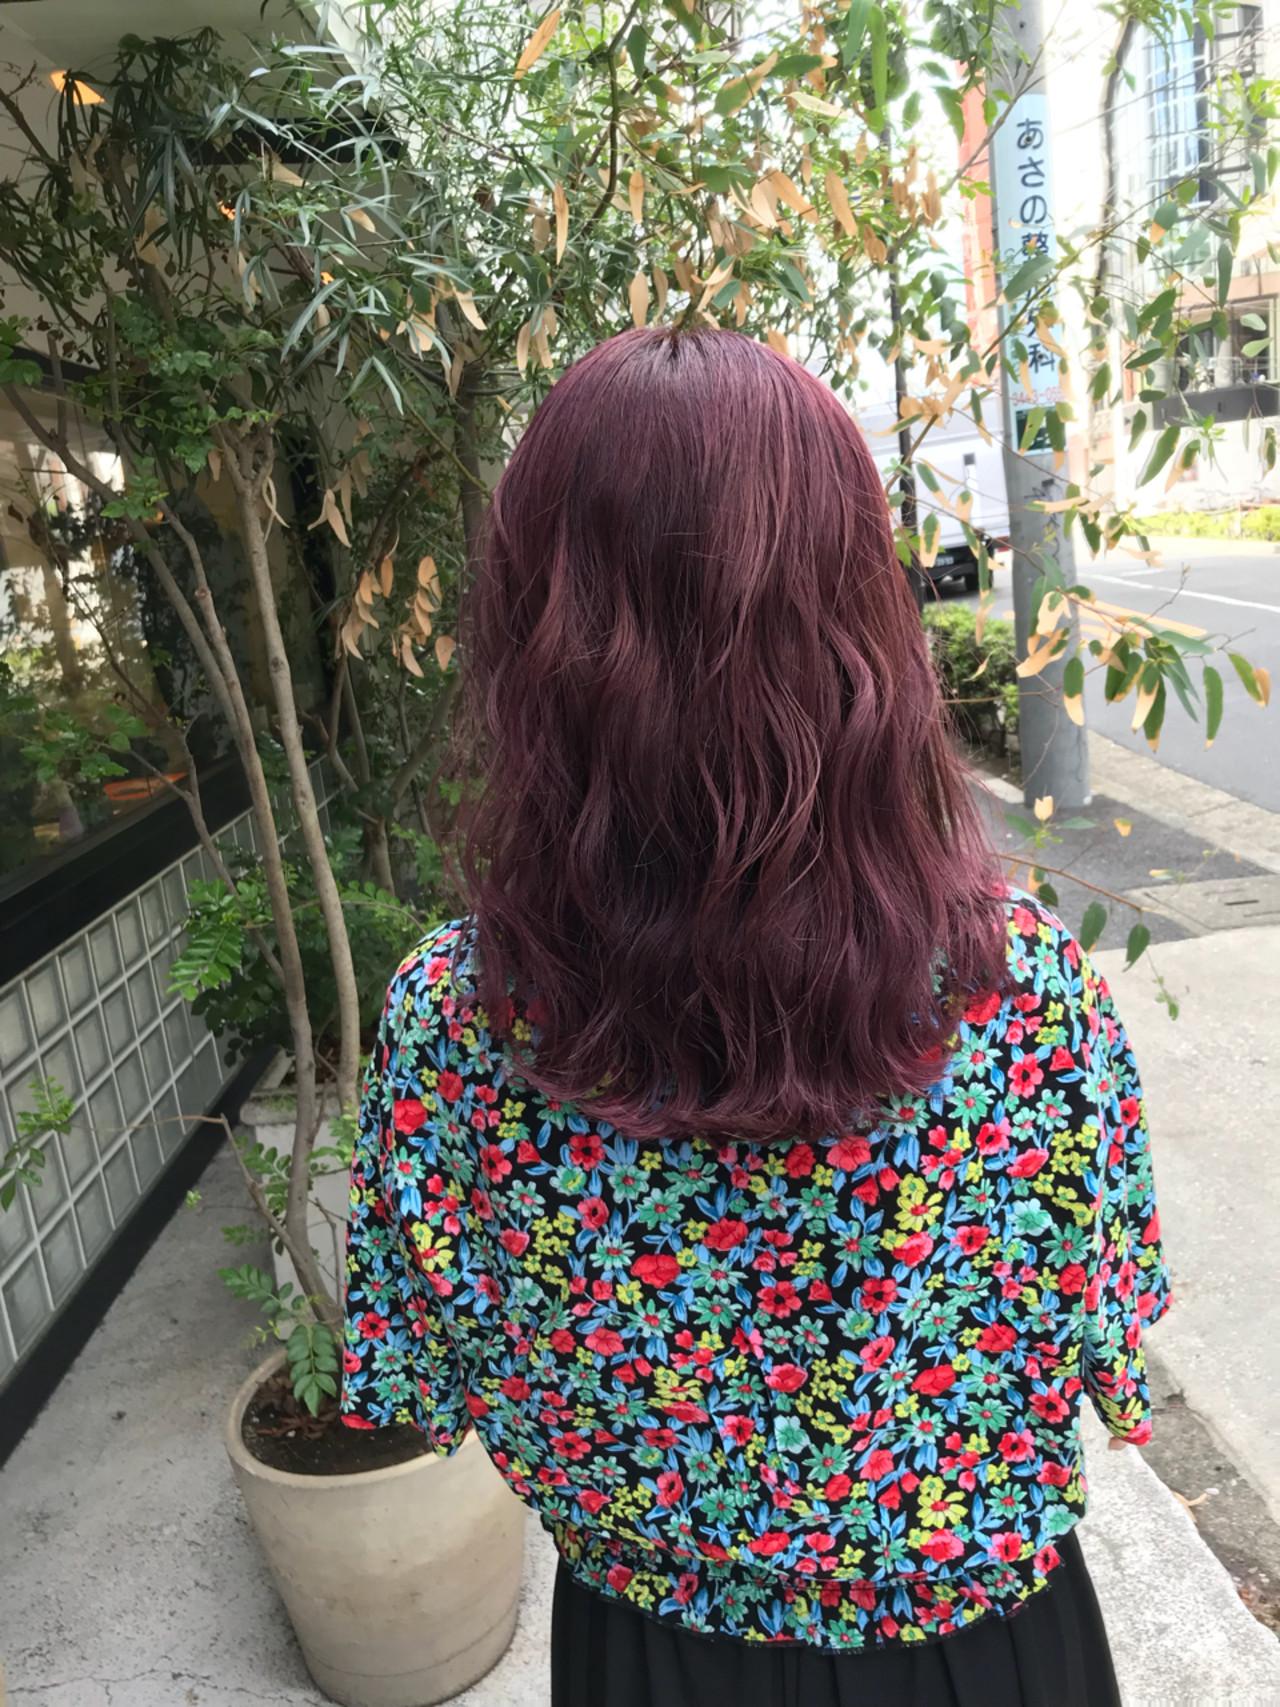 ピンク ミディアム カール 波ウェーブ ヘアスタイルや髪型の写真・画像